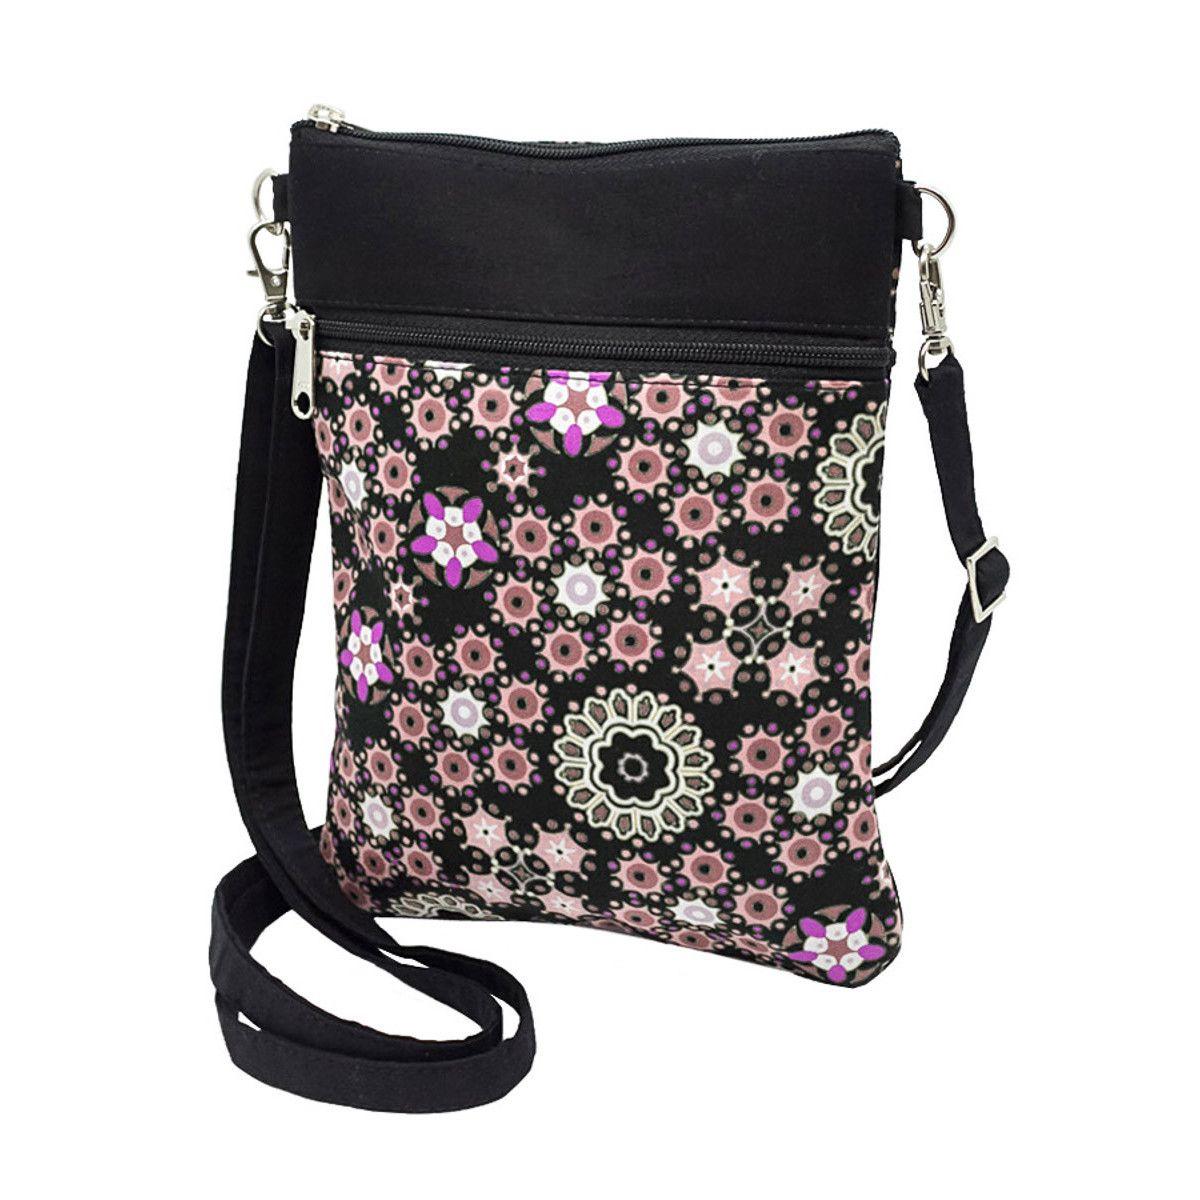 Pochette de voyage bandoulière tissu noir et fleurs rose